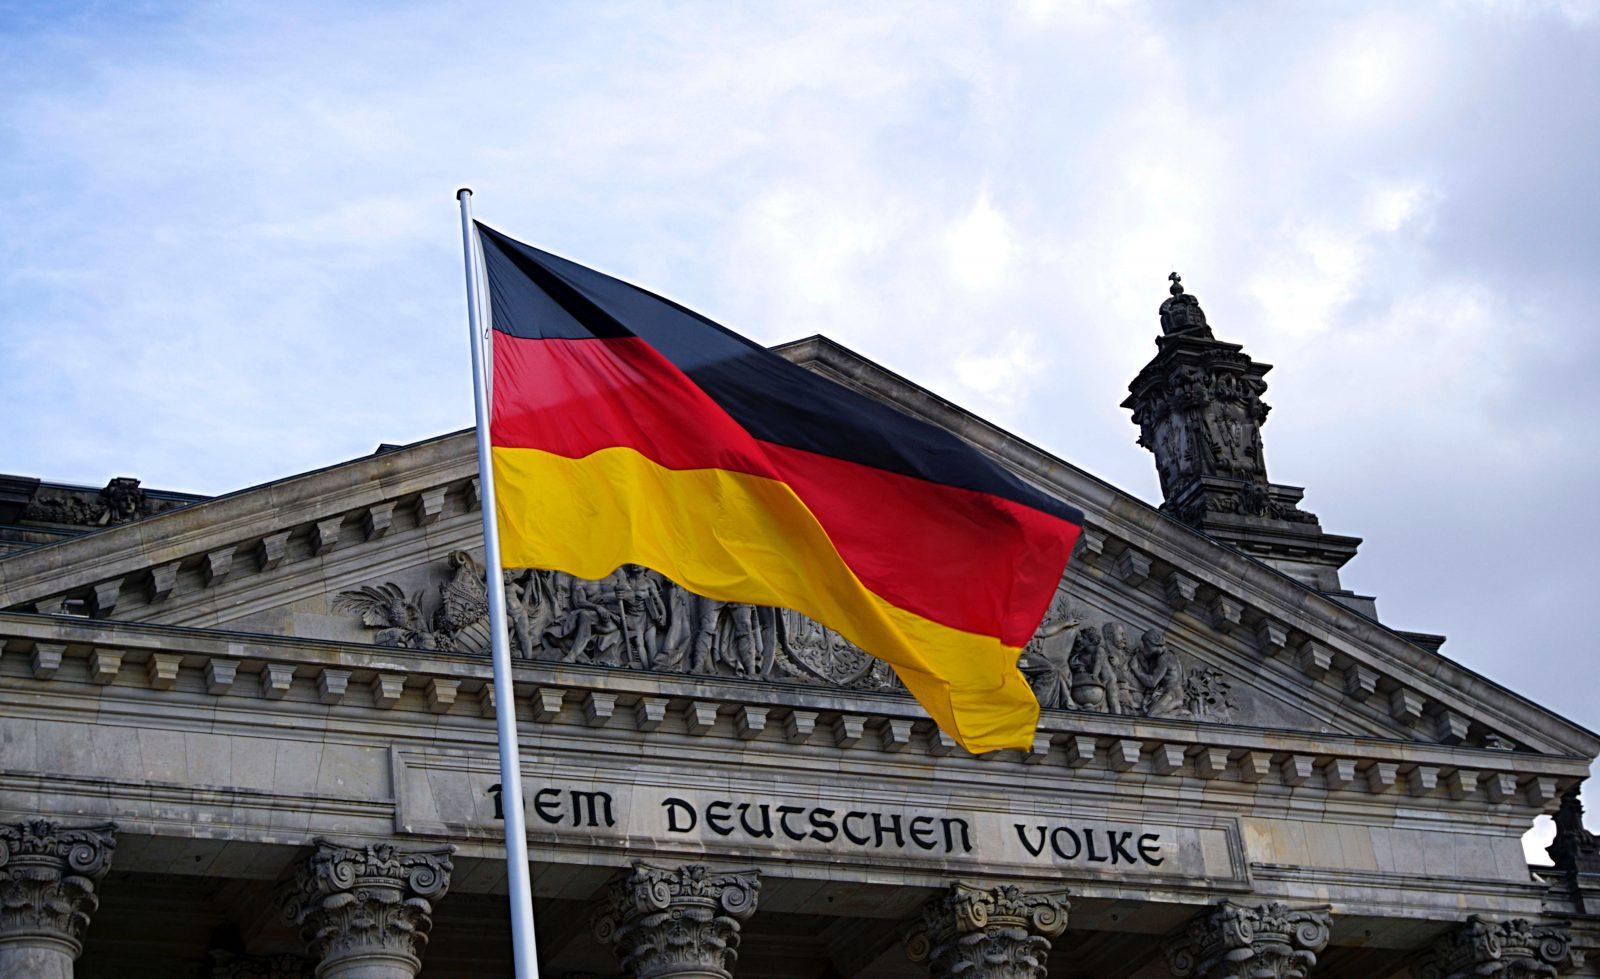 Germania Imc